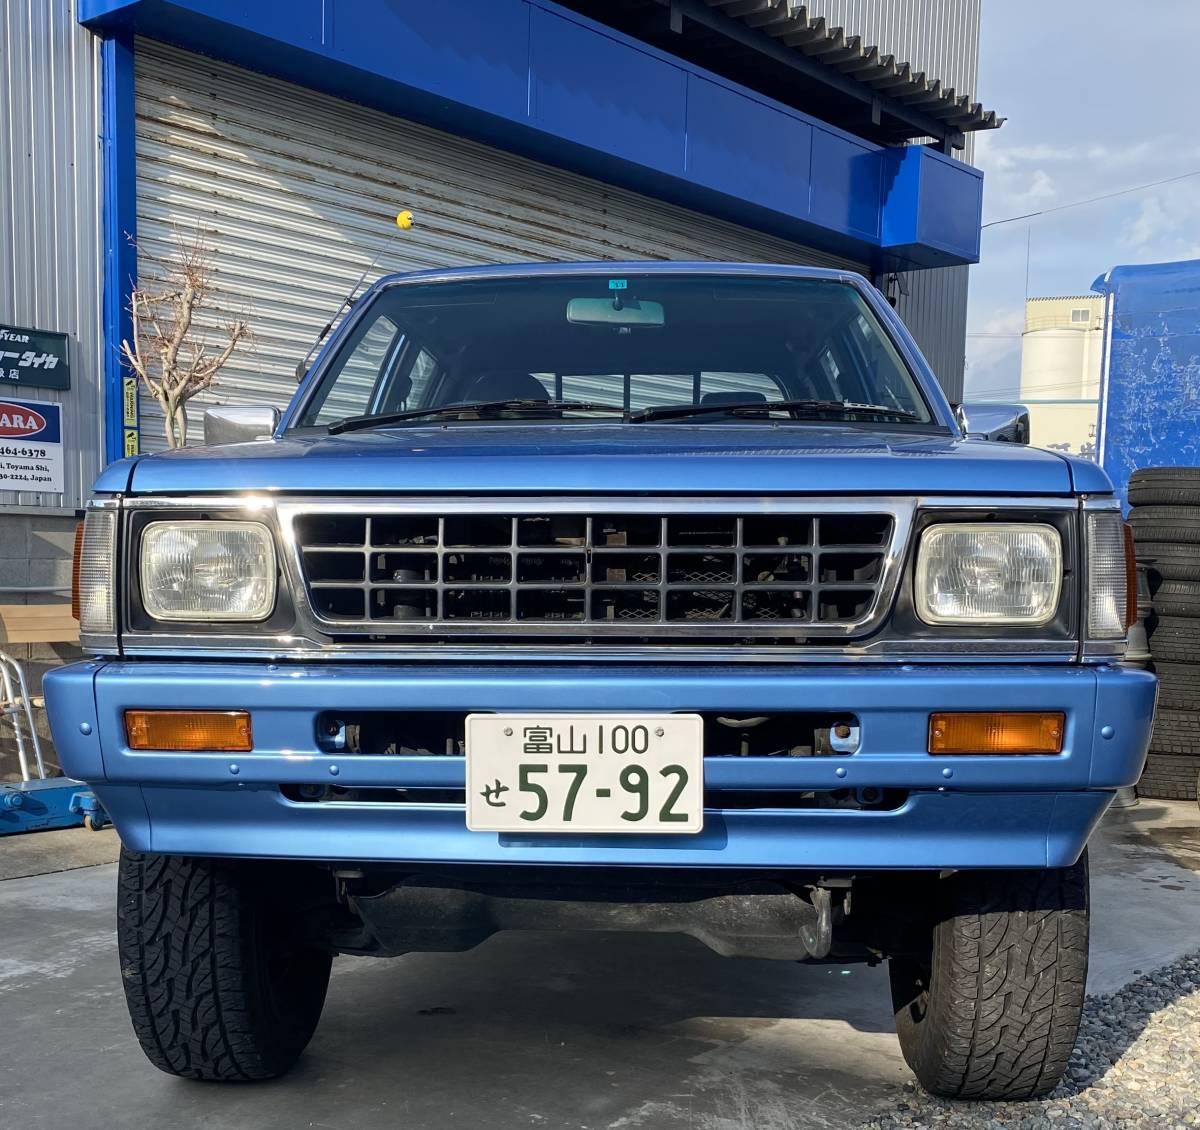 「希少!三菱ストラーダ Wキャブ MT 4WD 軽油 全塗装 224,000キロ 検3年11月」の画像2